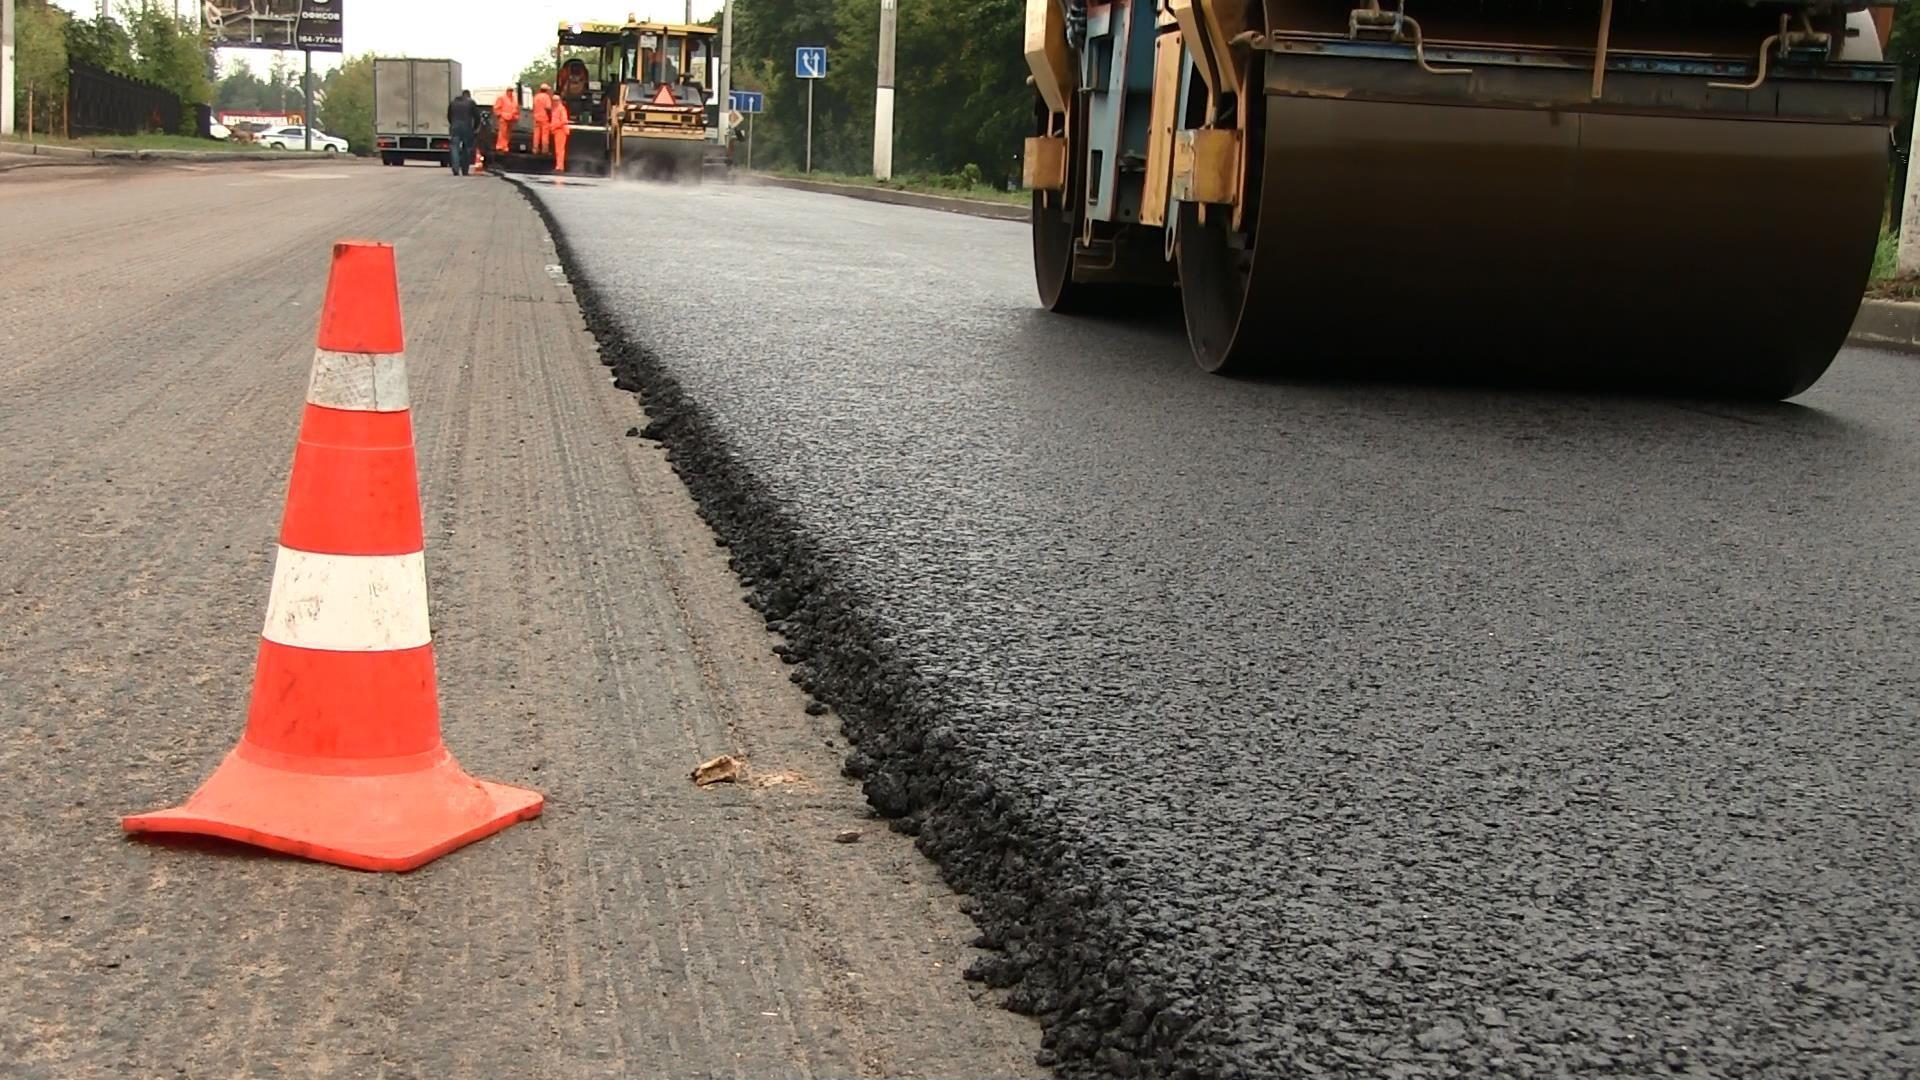 ЧЕЧНЯ. В Грозном начнётся масштабная реконструкция центральных улиц